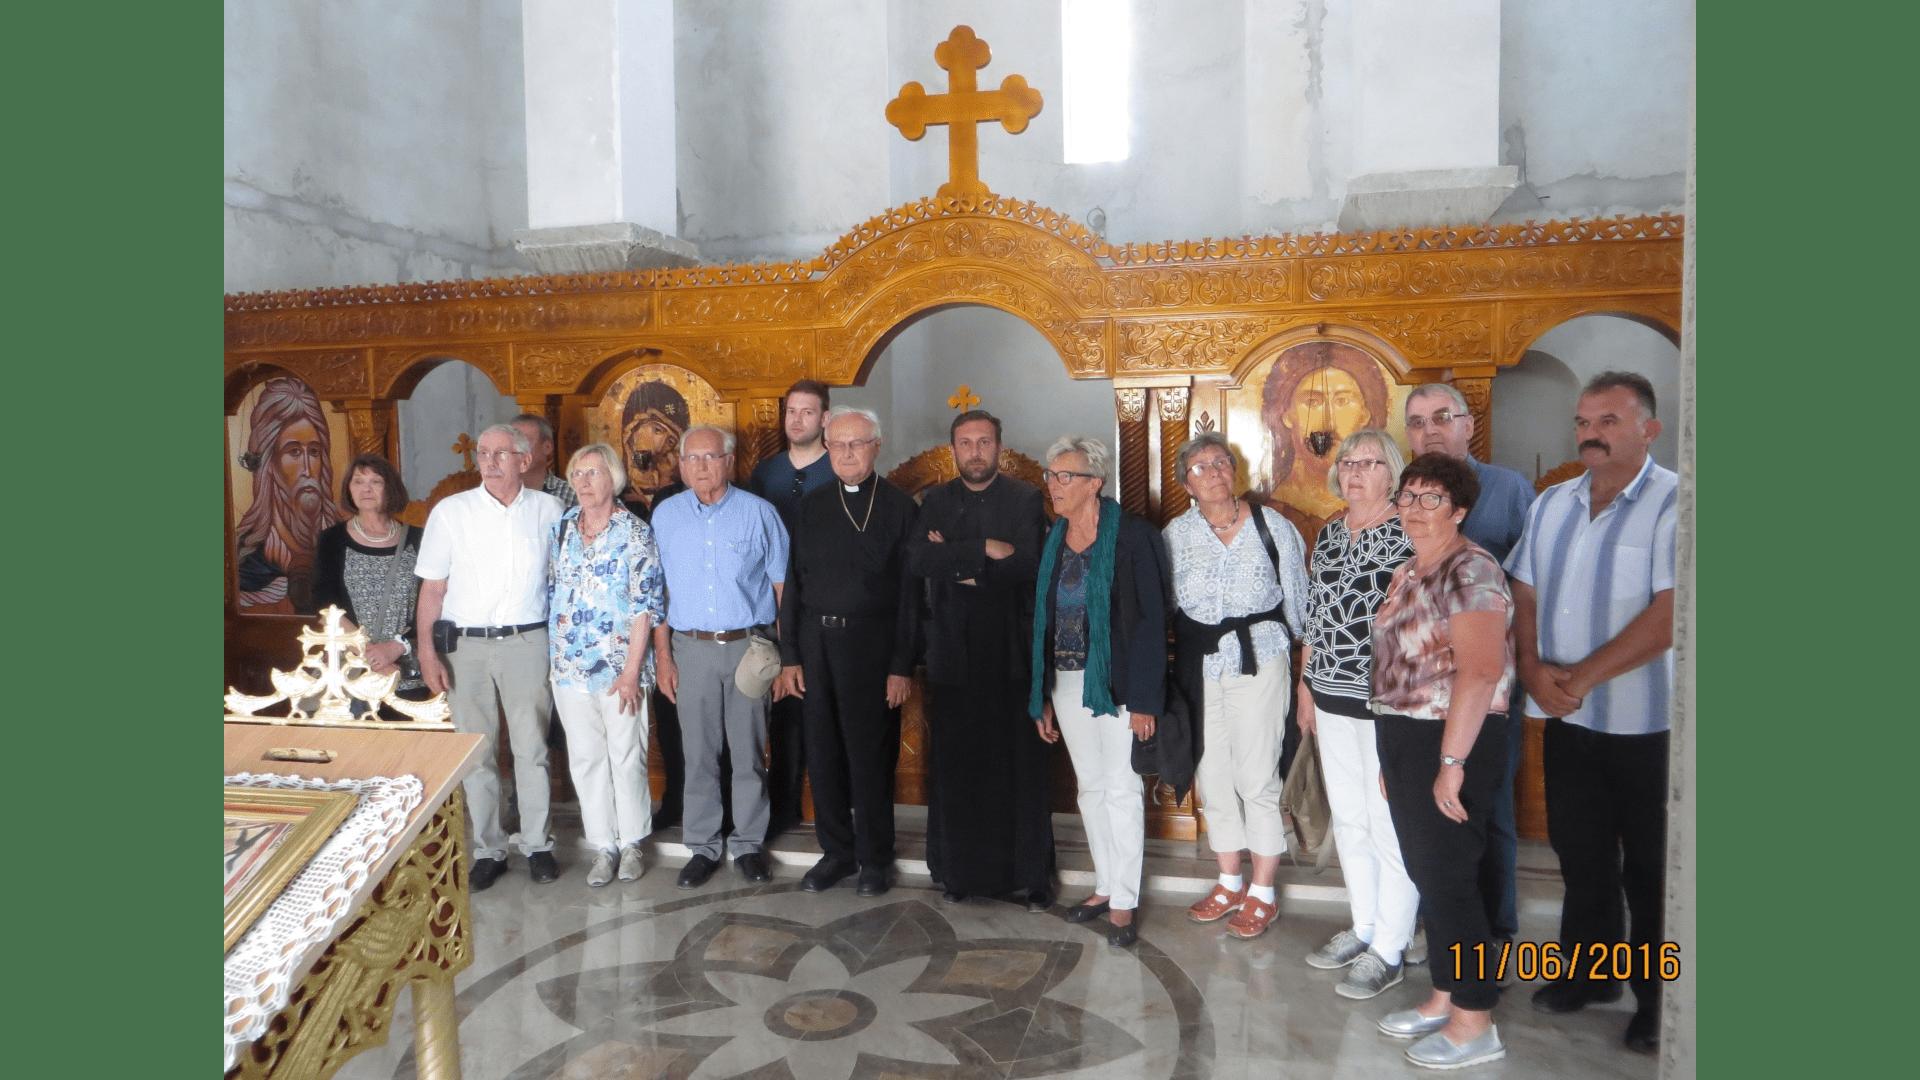 Der Pope erklärt die im Innenausbau befindliche orthodoxe Kirche, 2016. Foto: Archiv Freundeskreis Filipowa